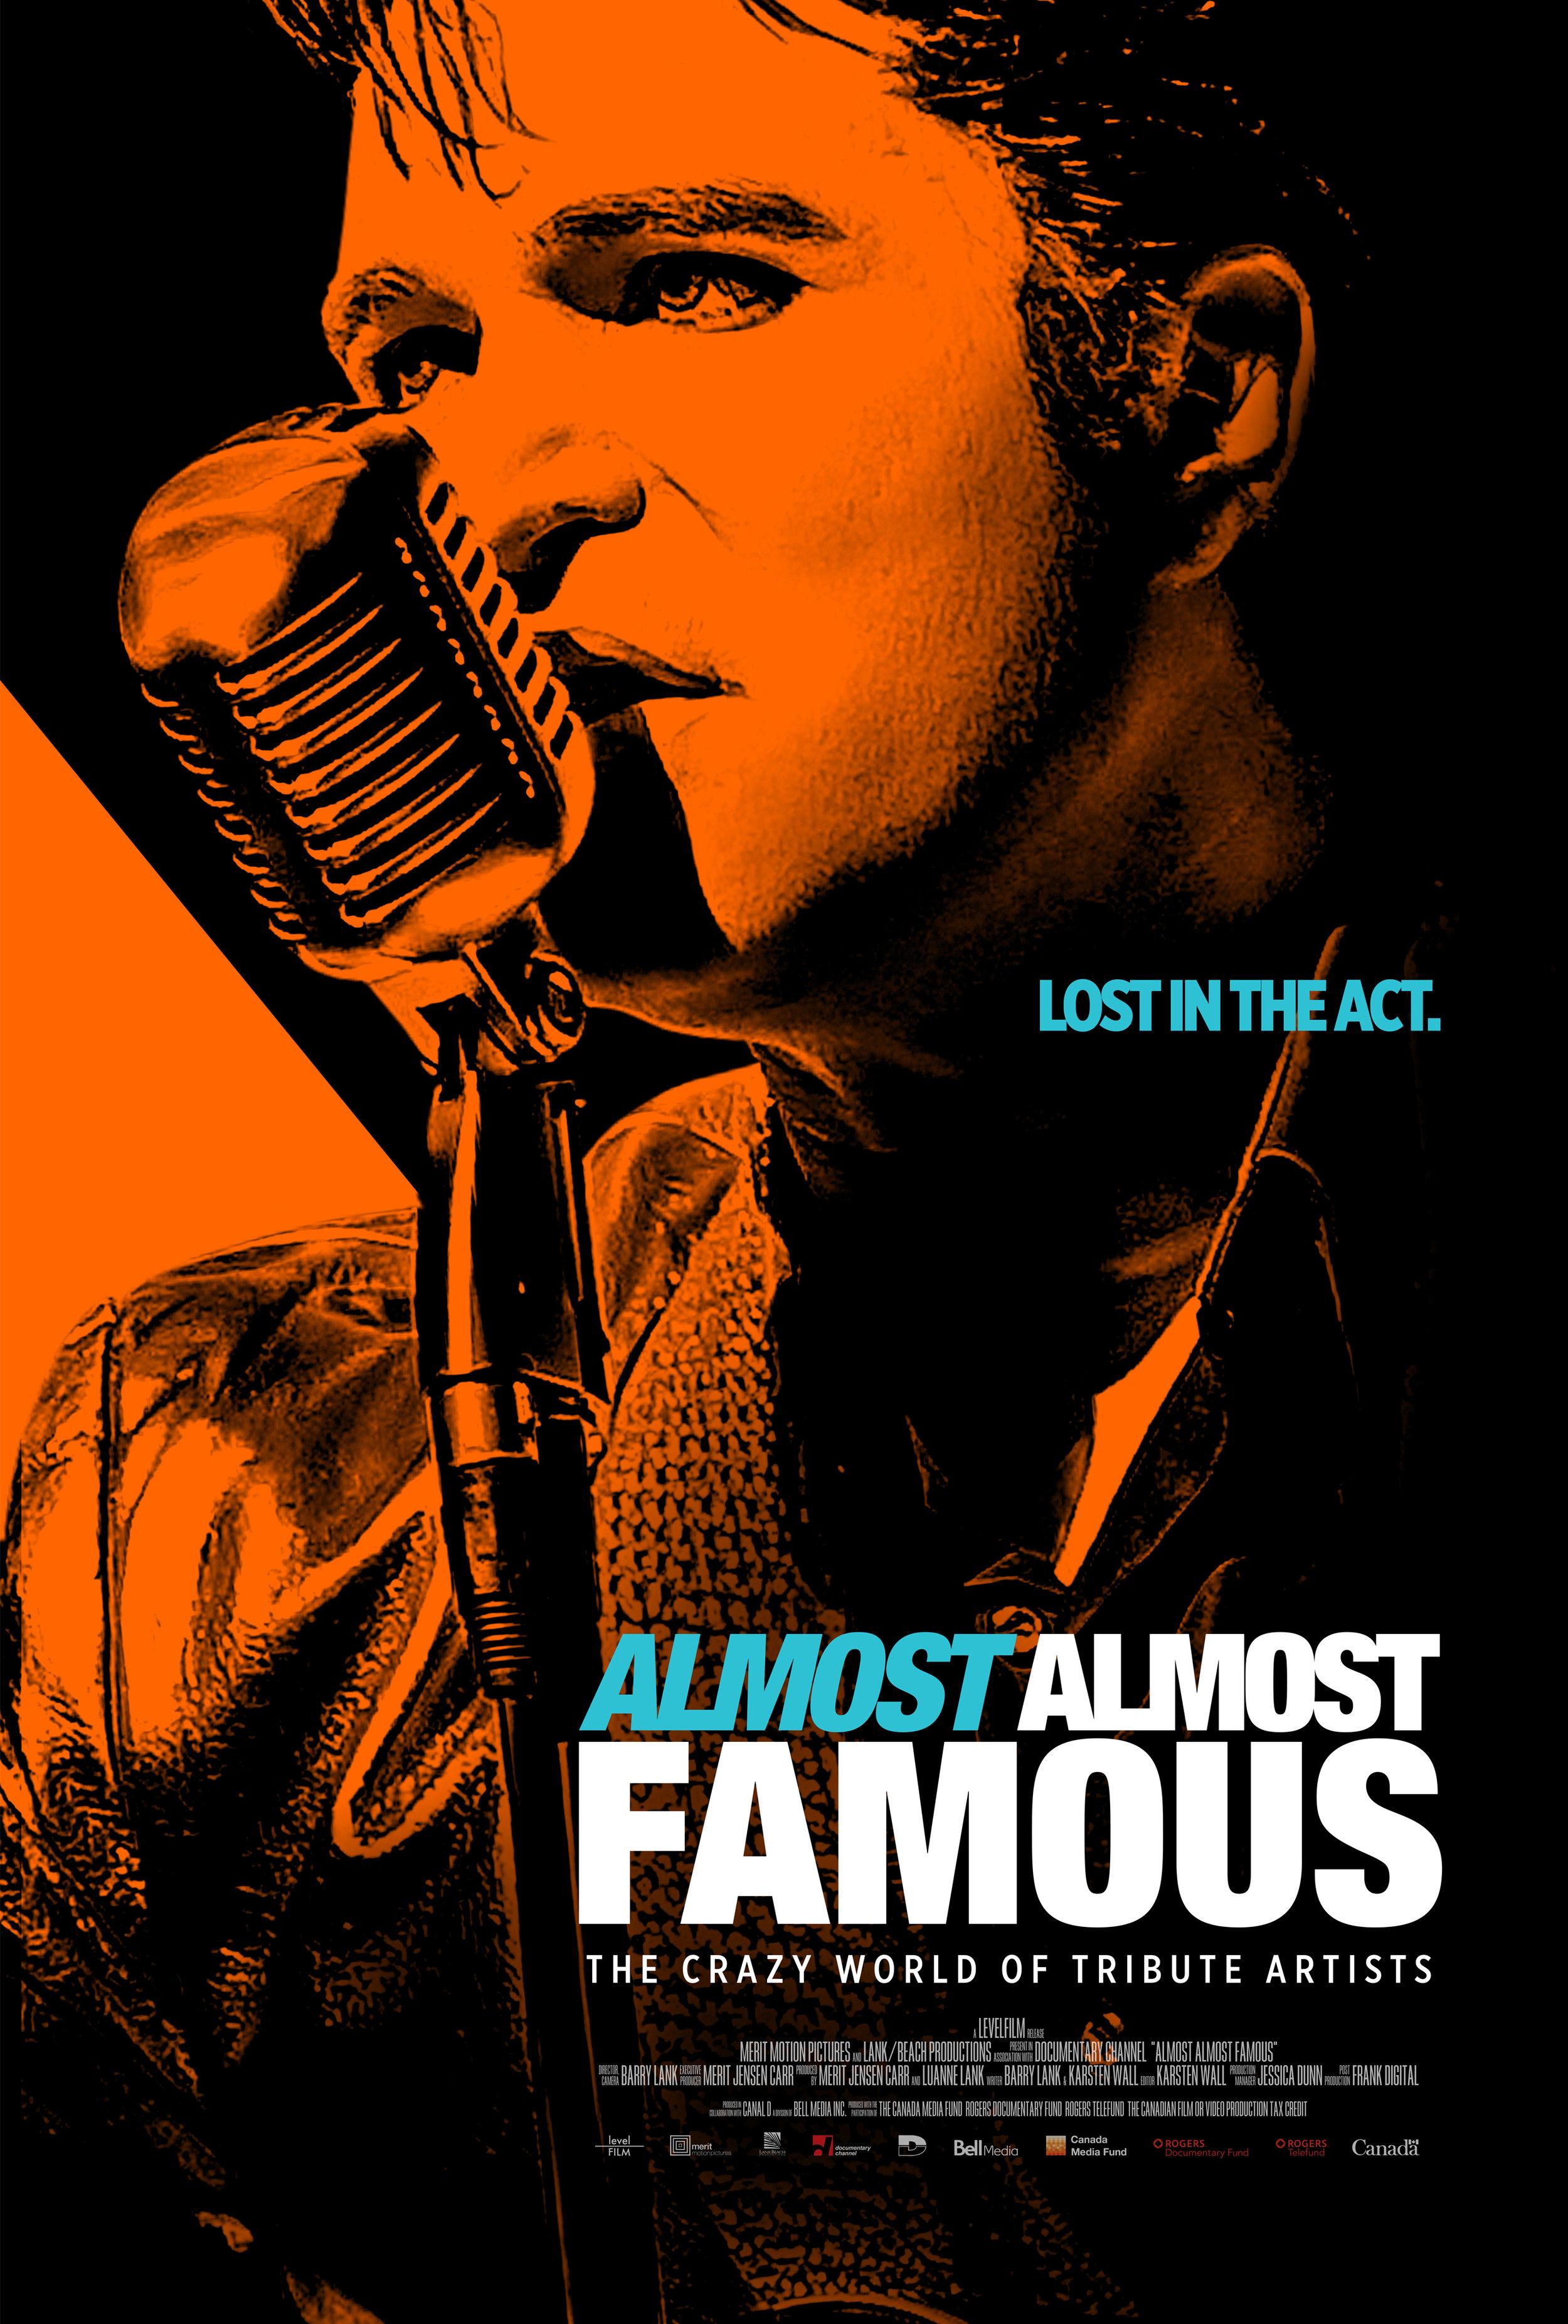 AlmostAlmostFamous_iTunes_2764x4096.jpg